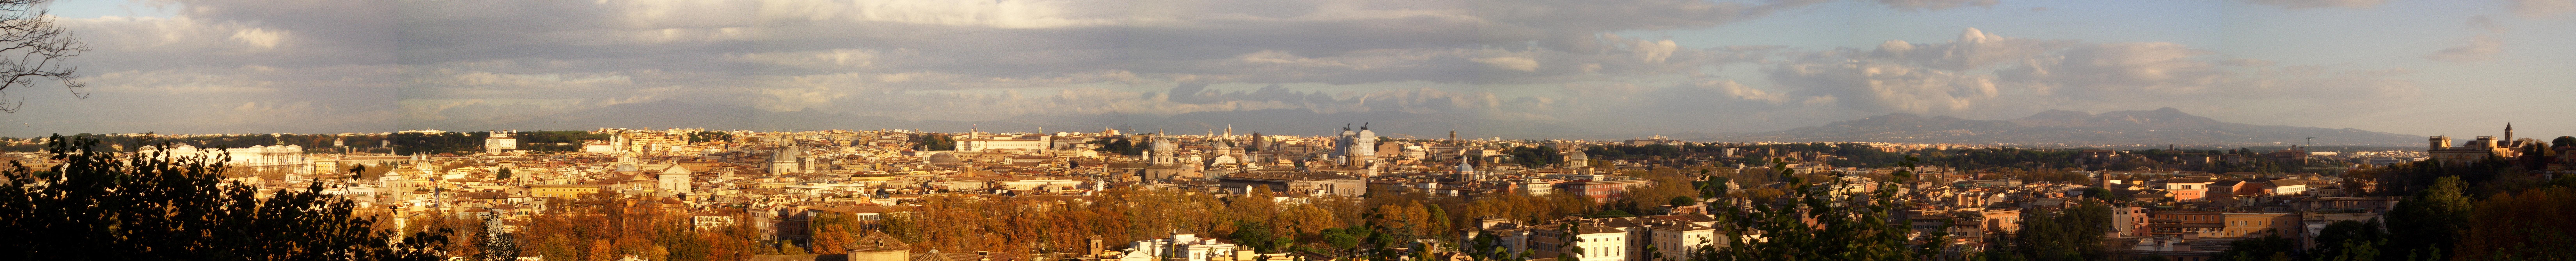 15_roma_rome_orto_botanico_olaszorszag_italy_italia_italien_utazas_europaba.jpg